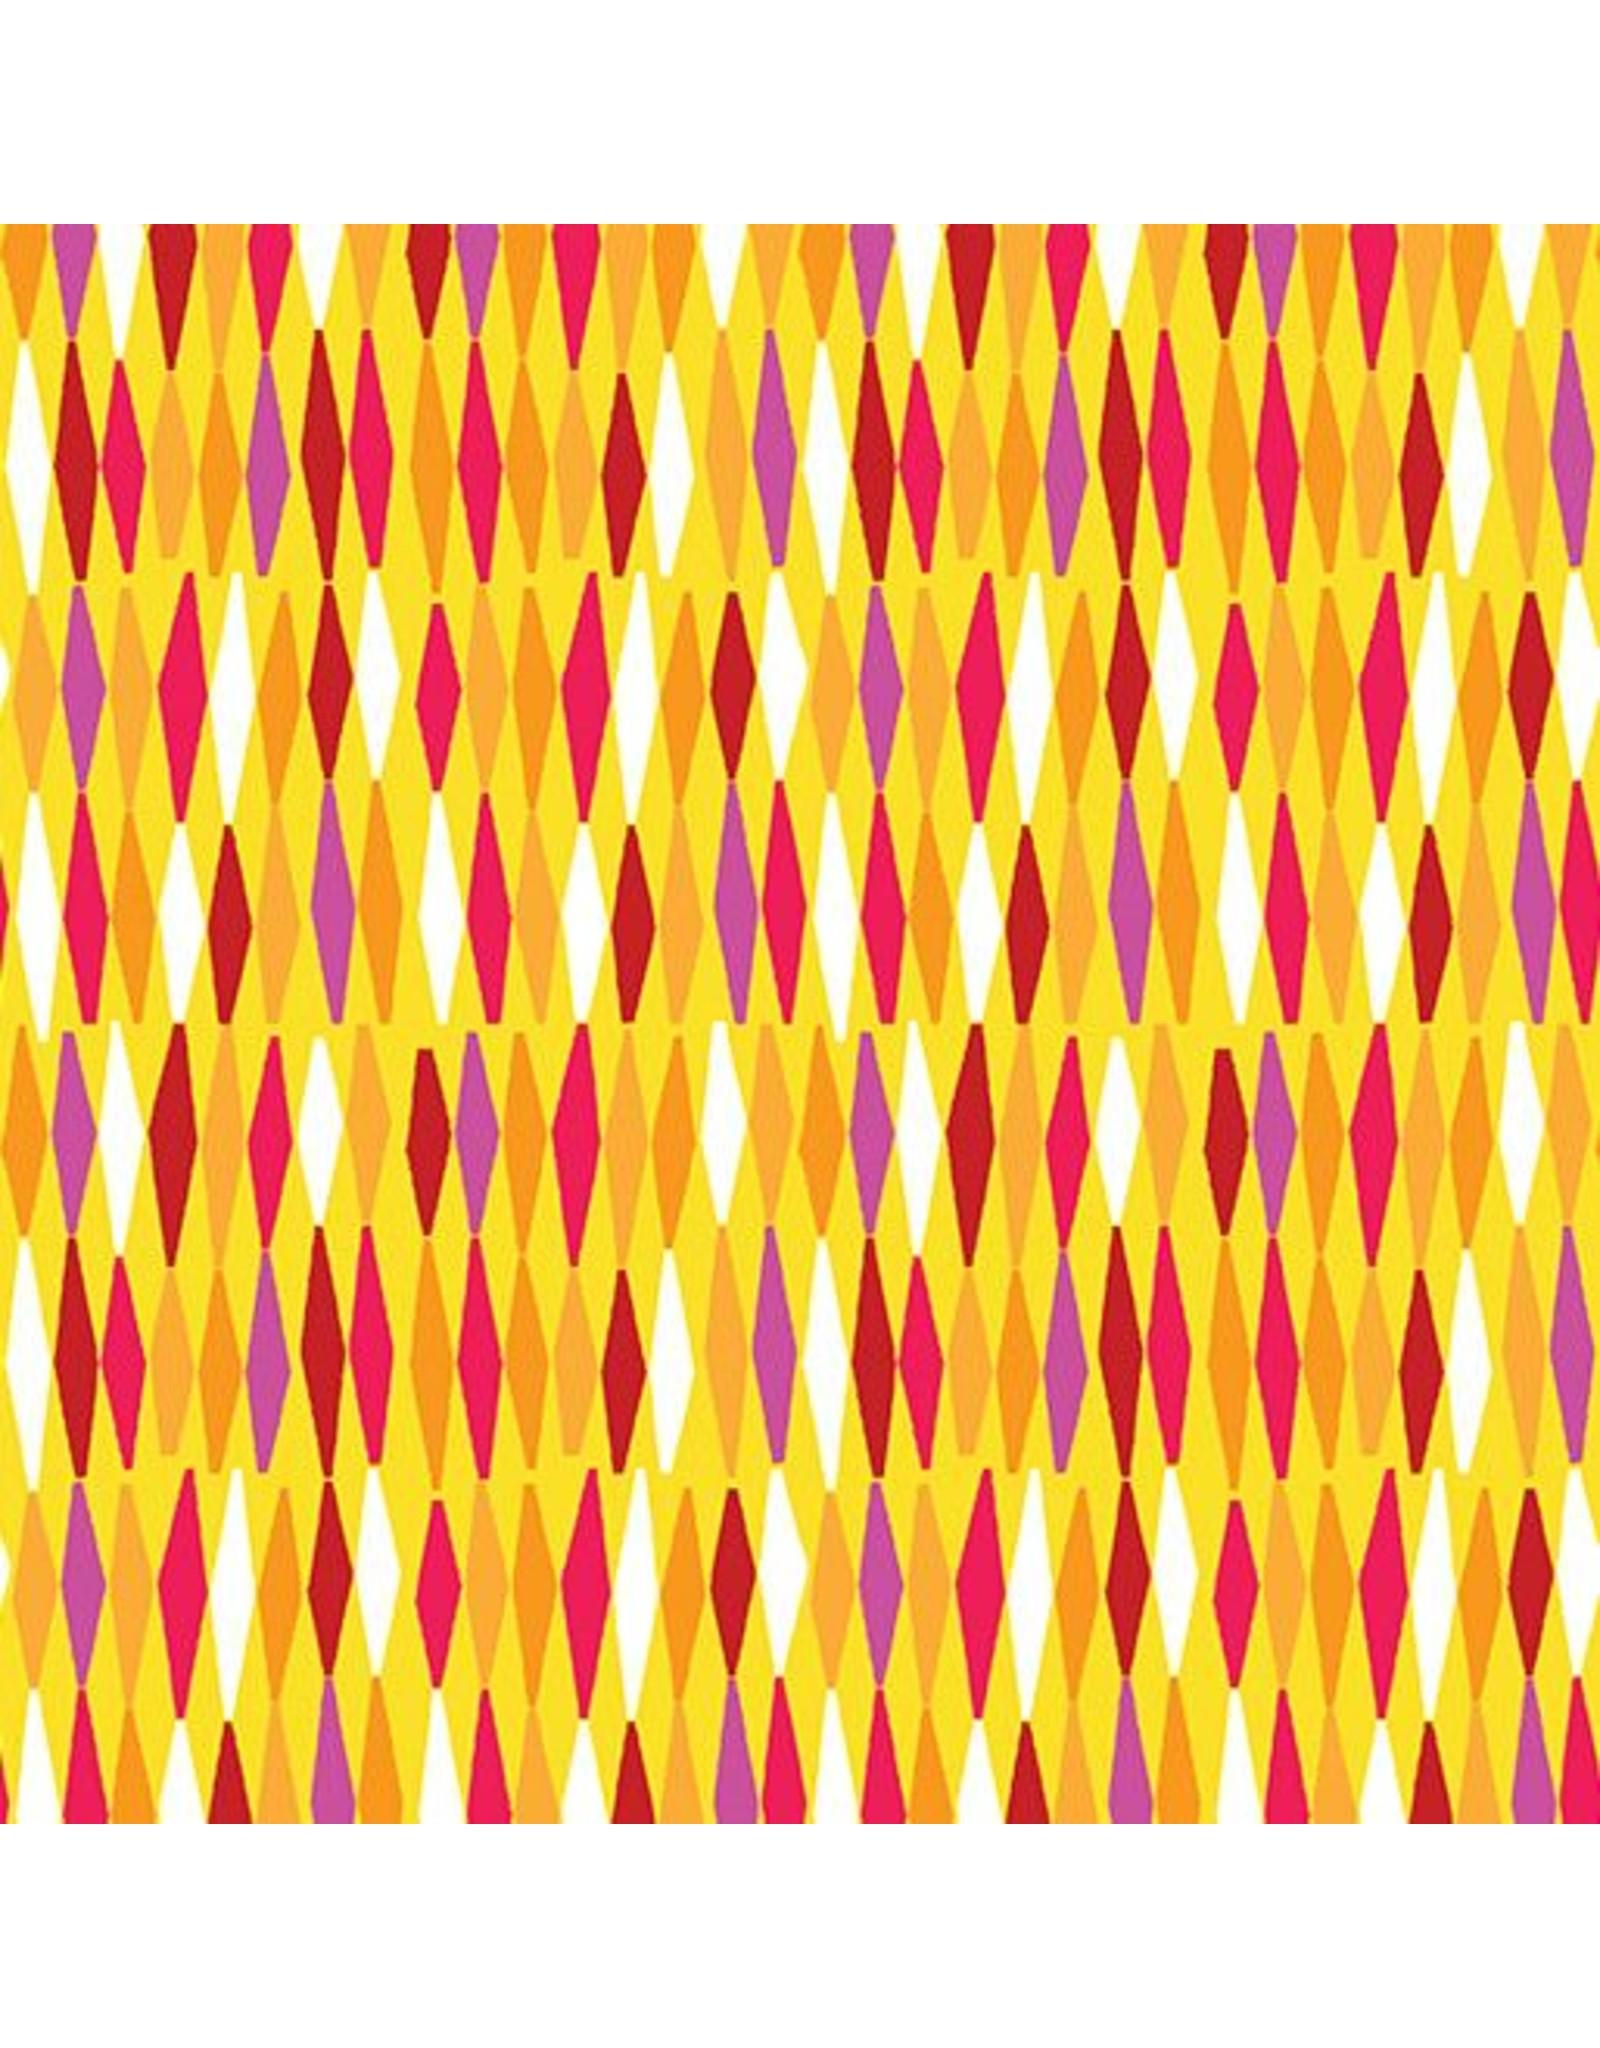 Contempo Abstract Garden - Picket Fences Mustard